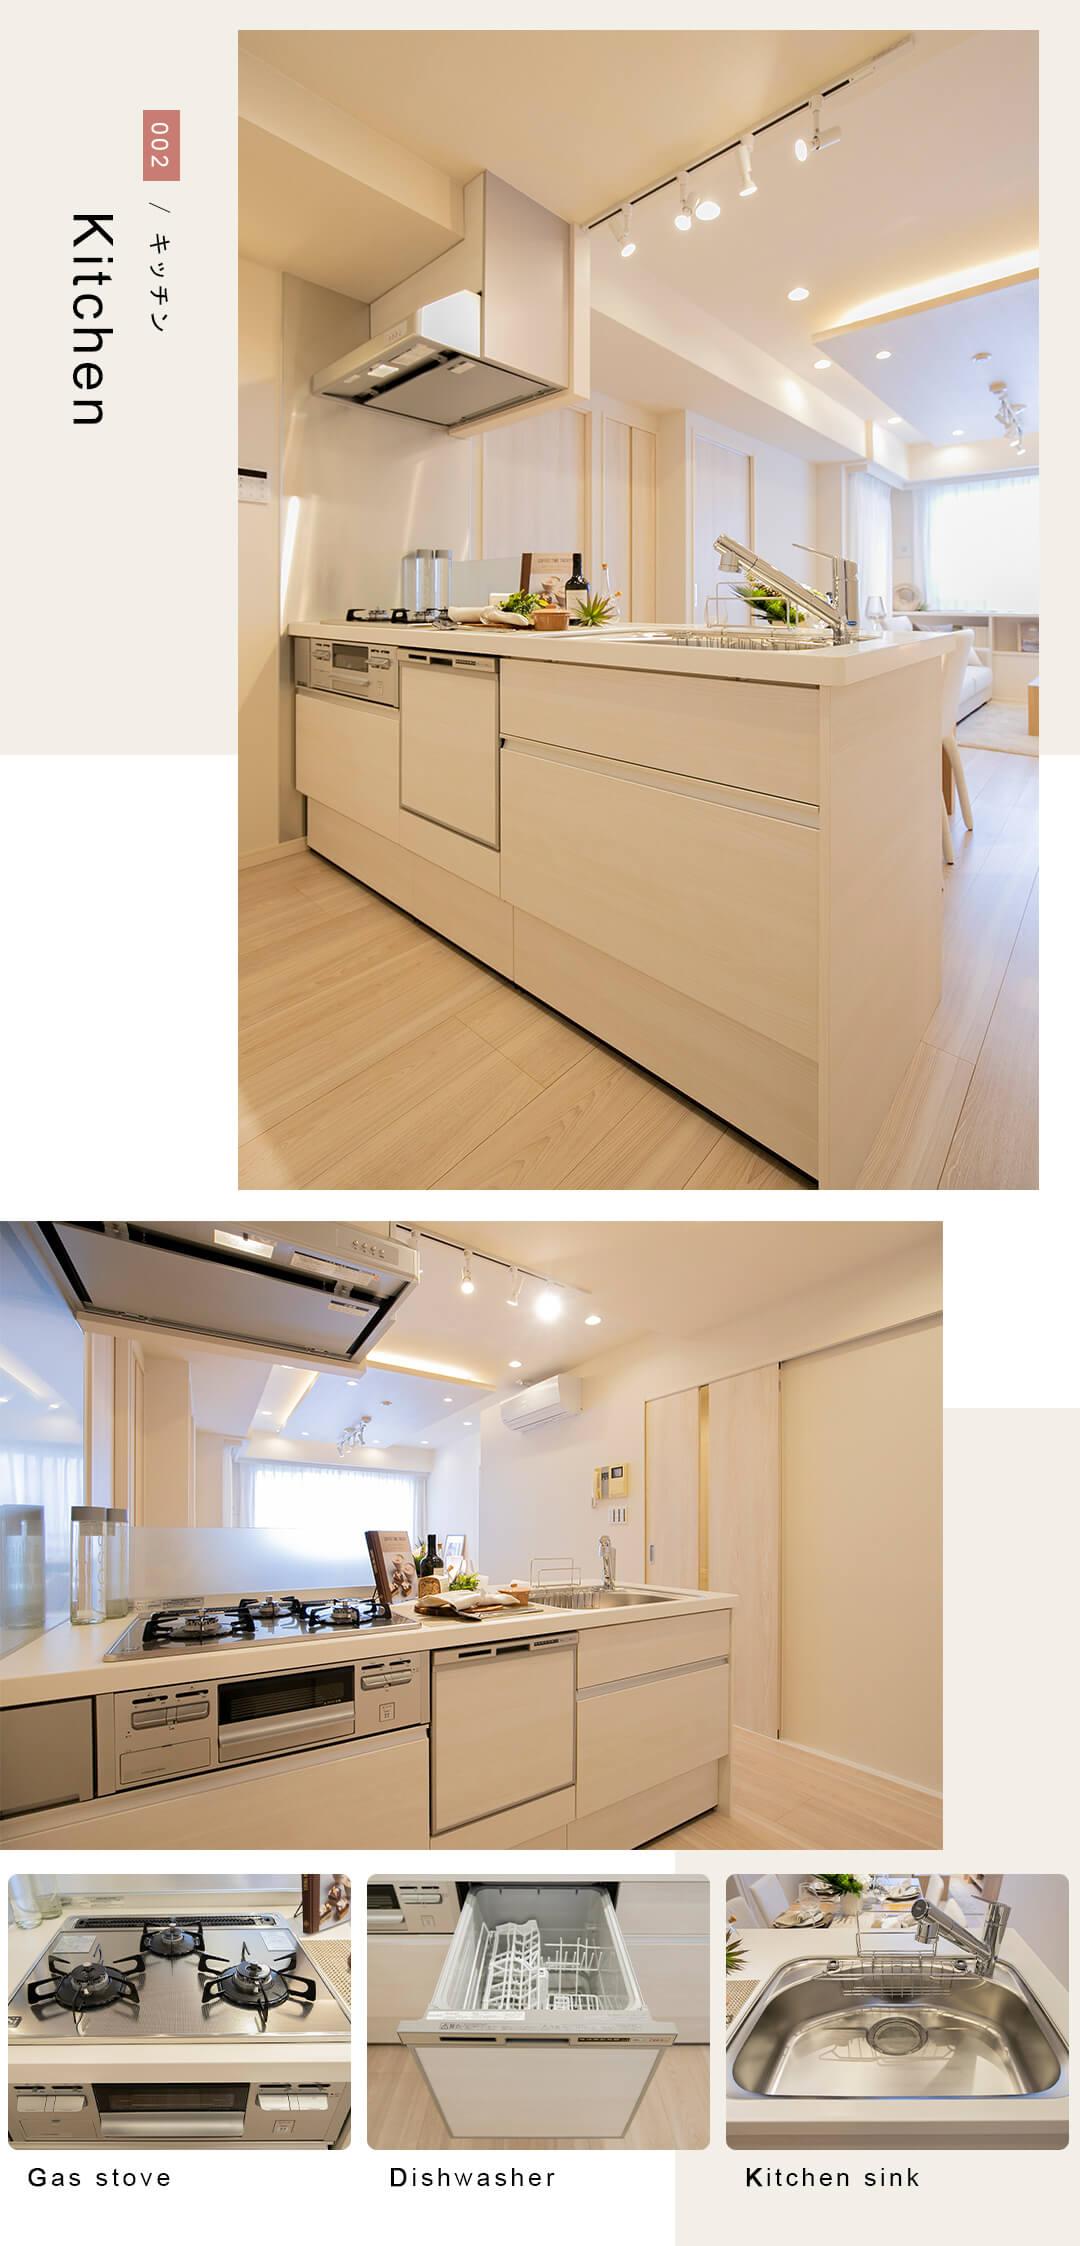 デュオ駒込のキッチン